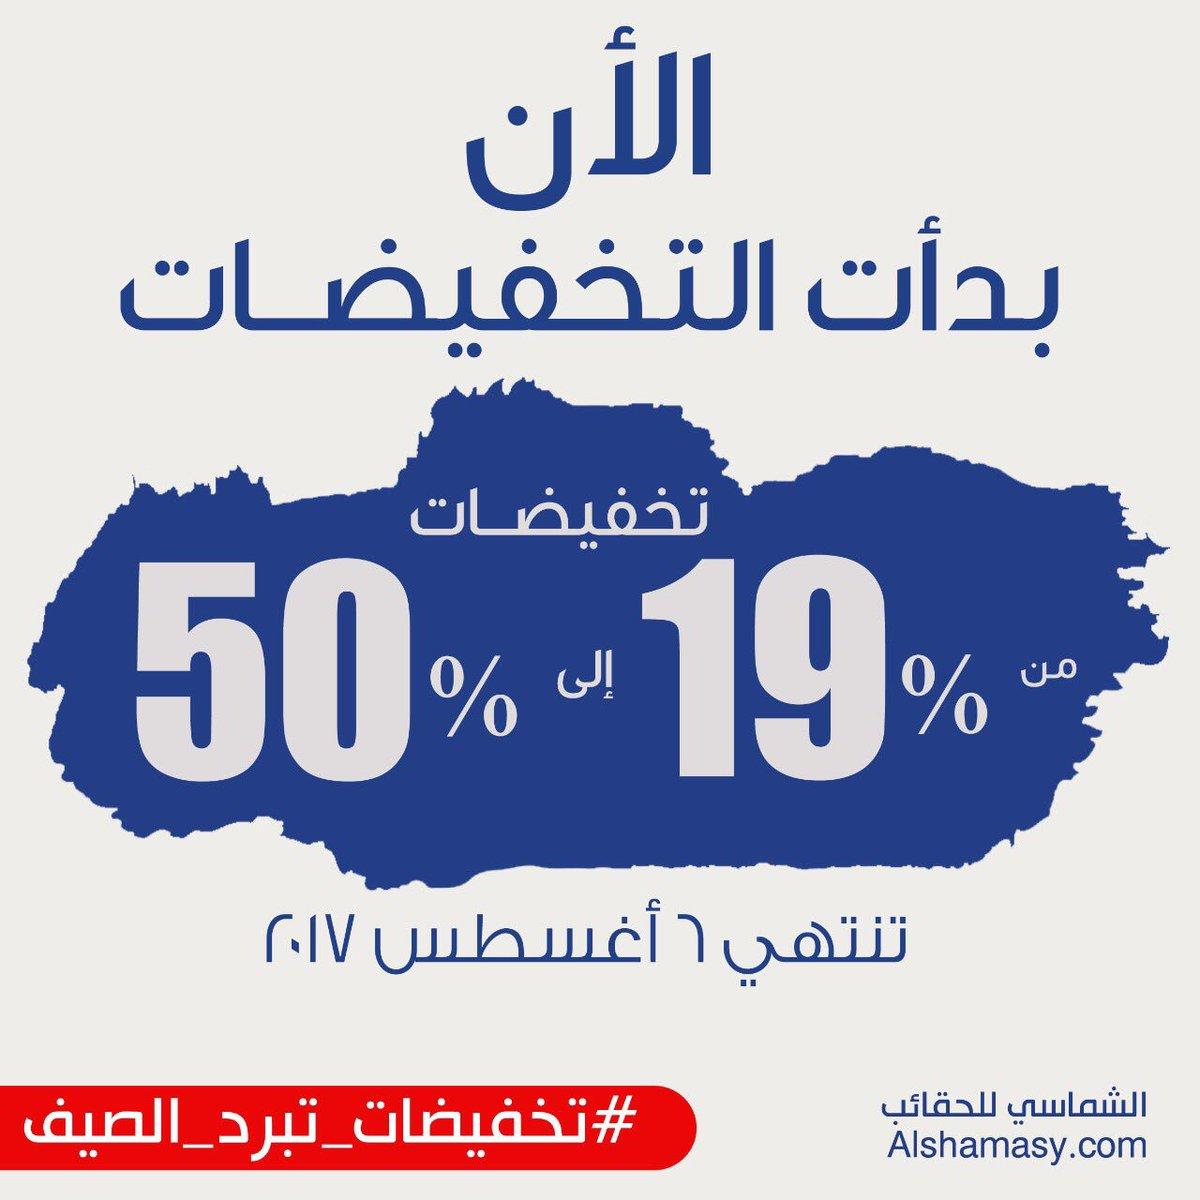 4f7dec55a الشماسي للحقائب on Twitter: